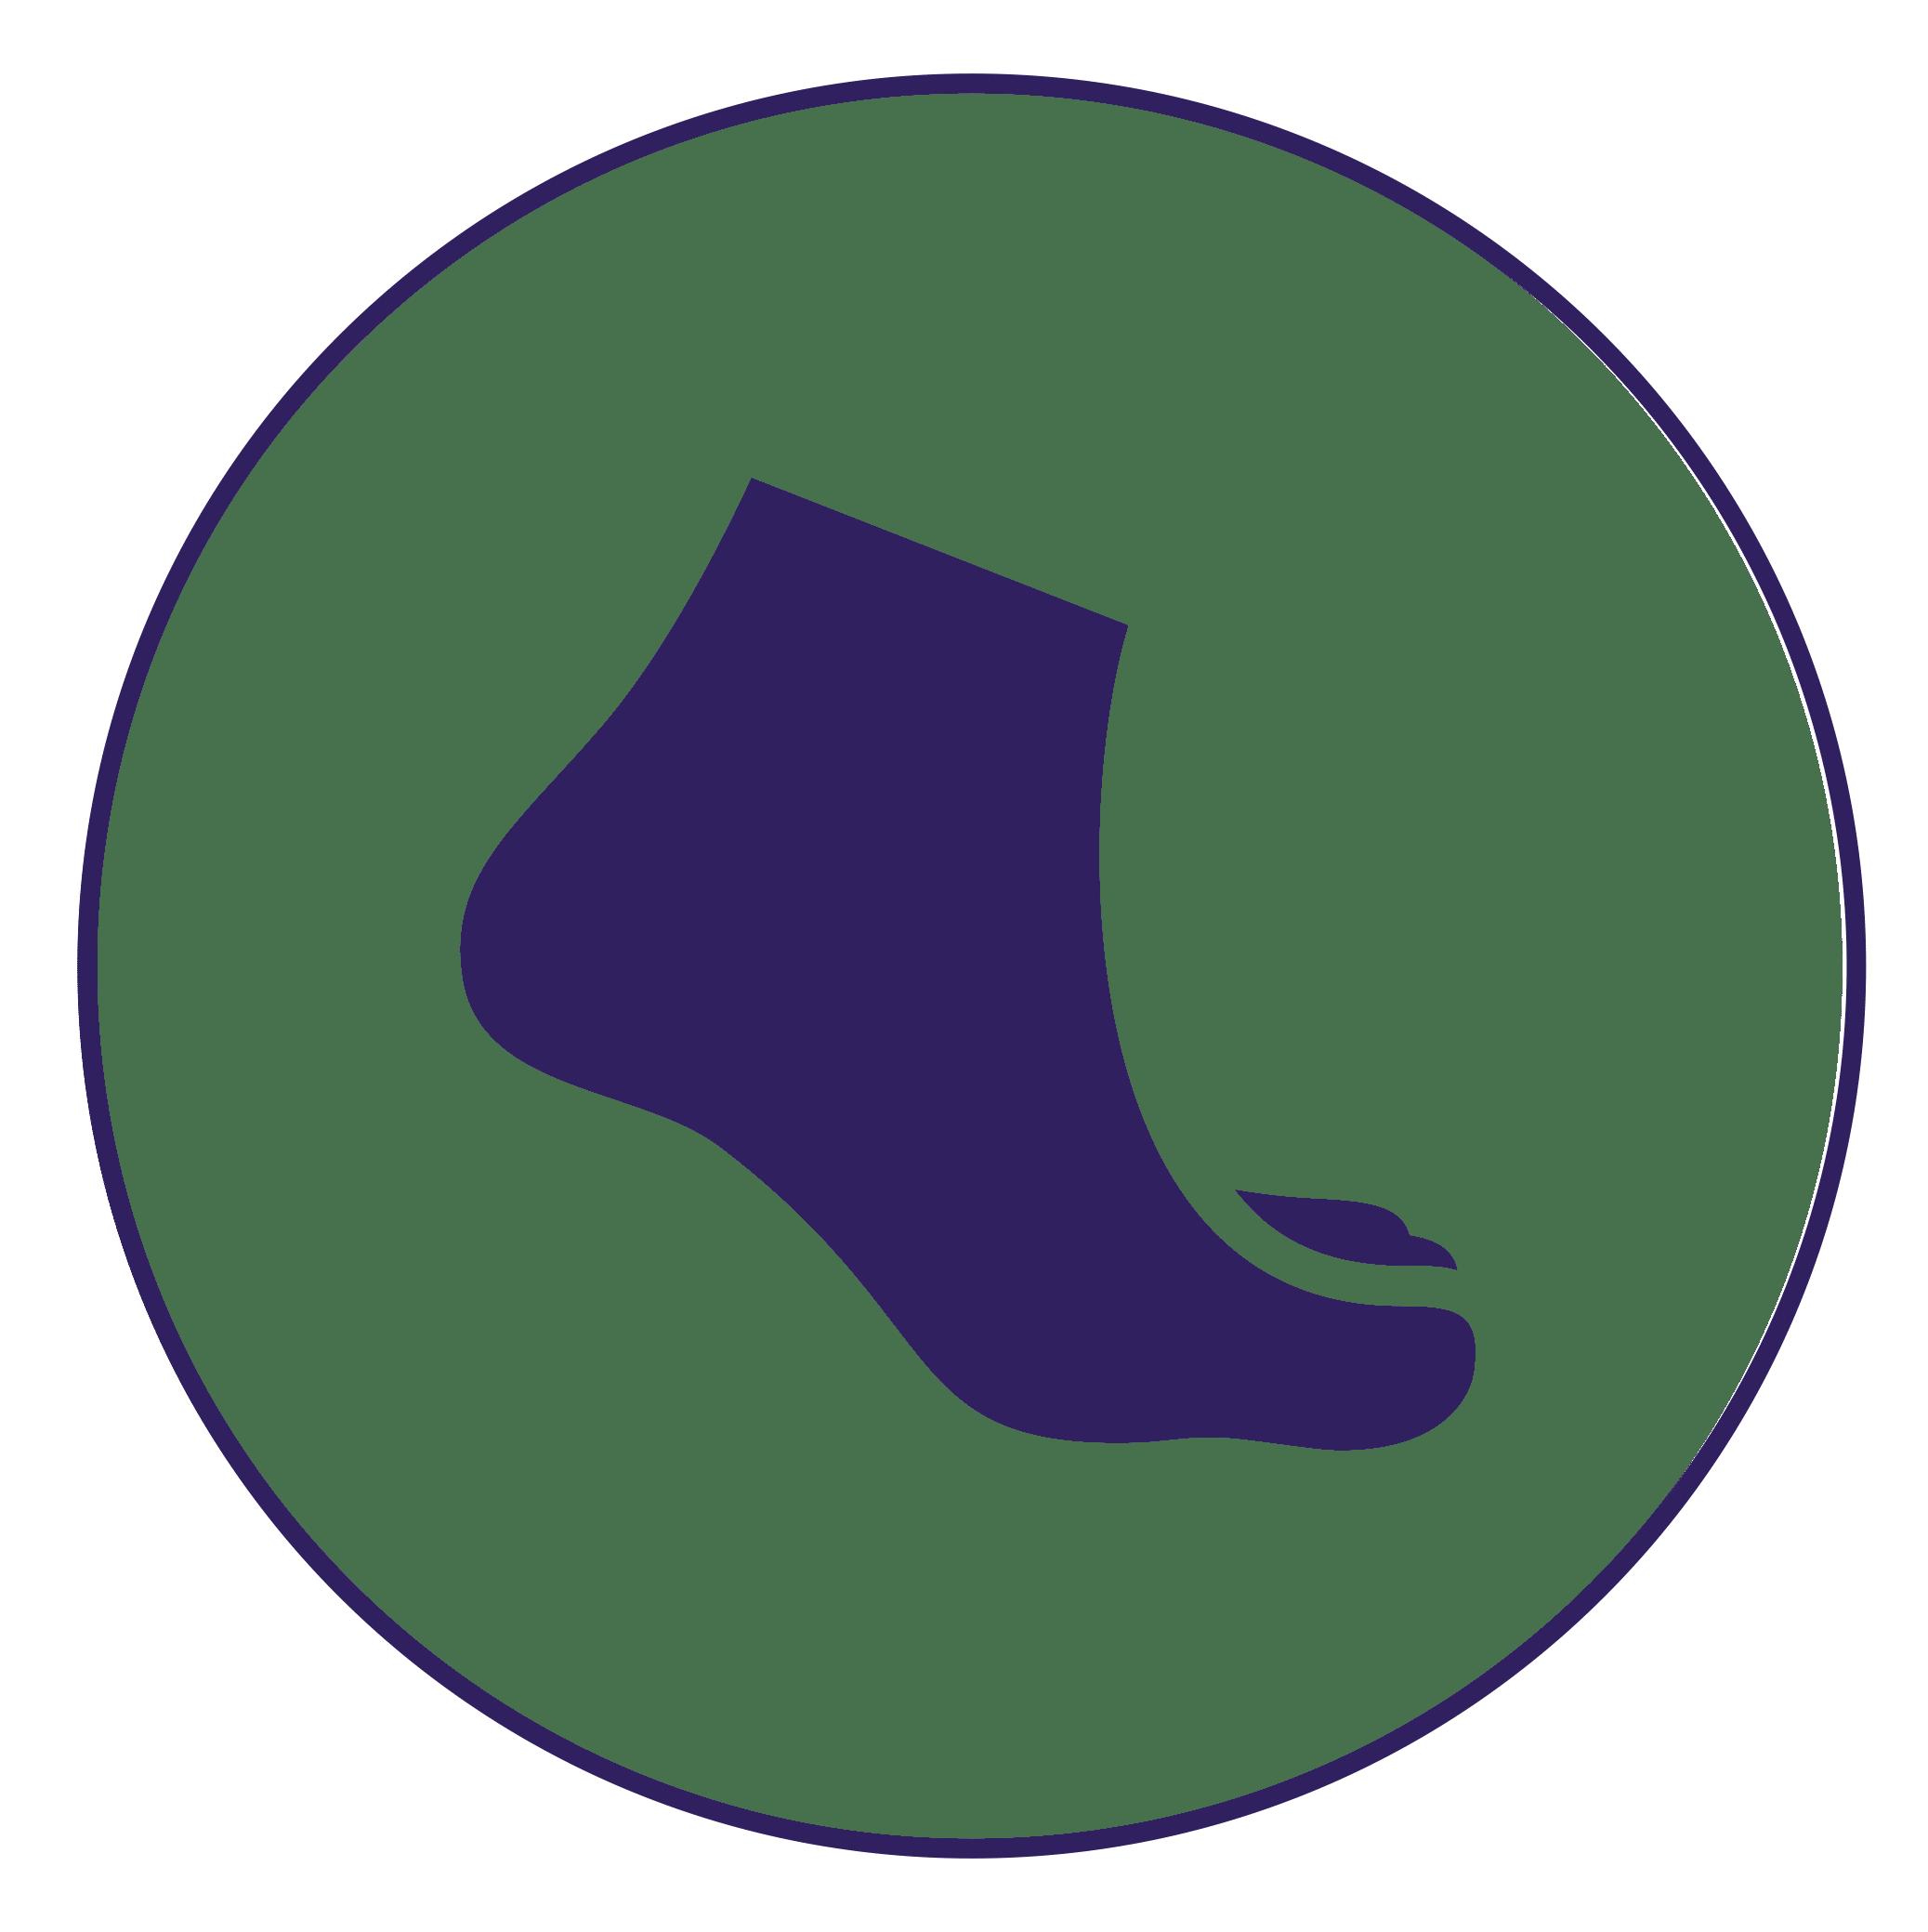 podología general imagen de un icono de pie